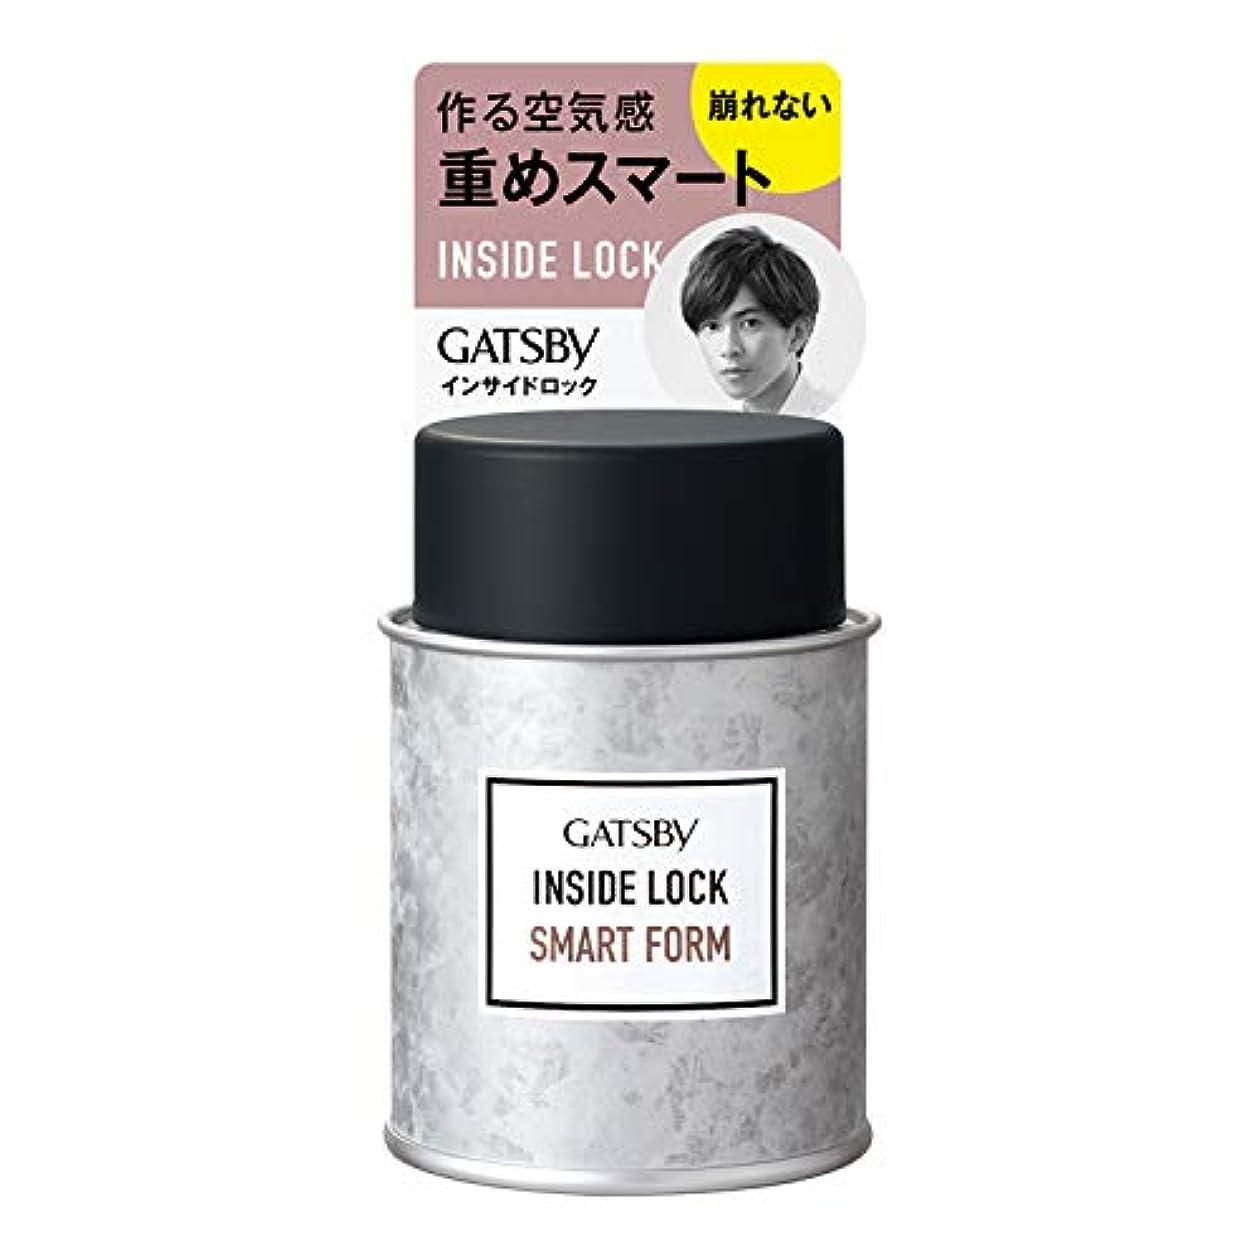 美容師推進力再びギャツビー (GATSBY) インサイドロック スマートフォルム 重めスマート マット メンズ セラム 75g